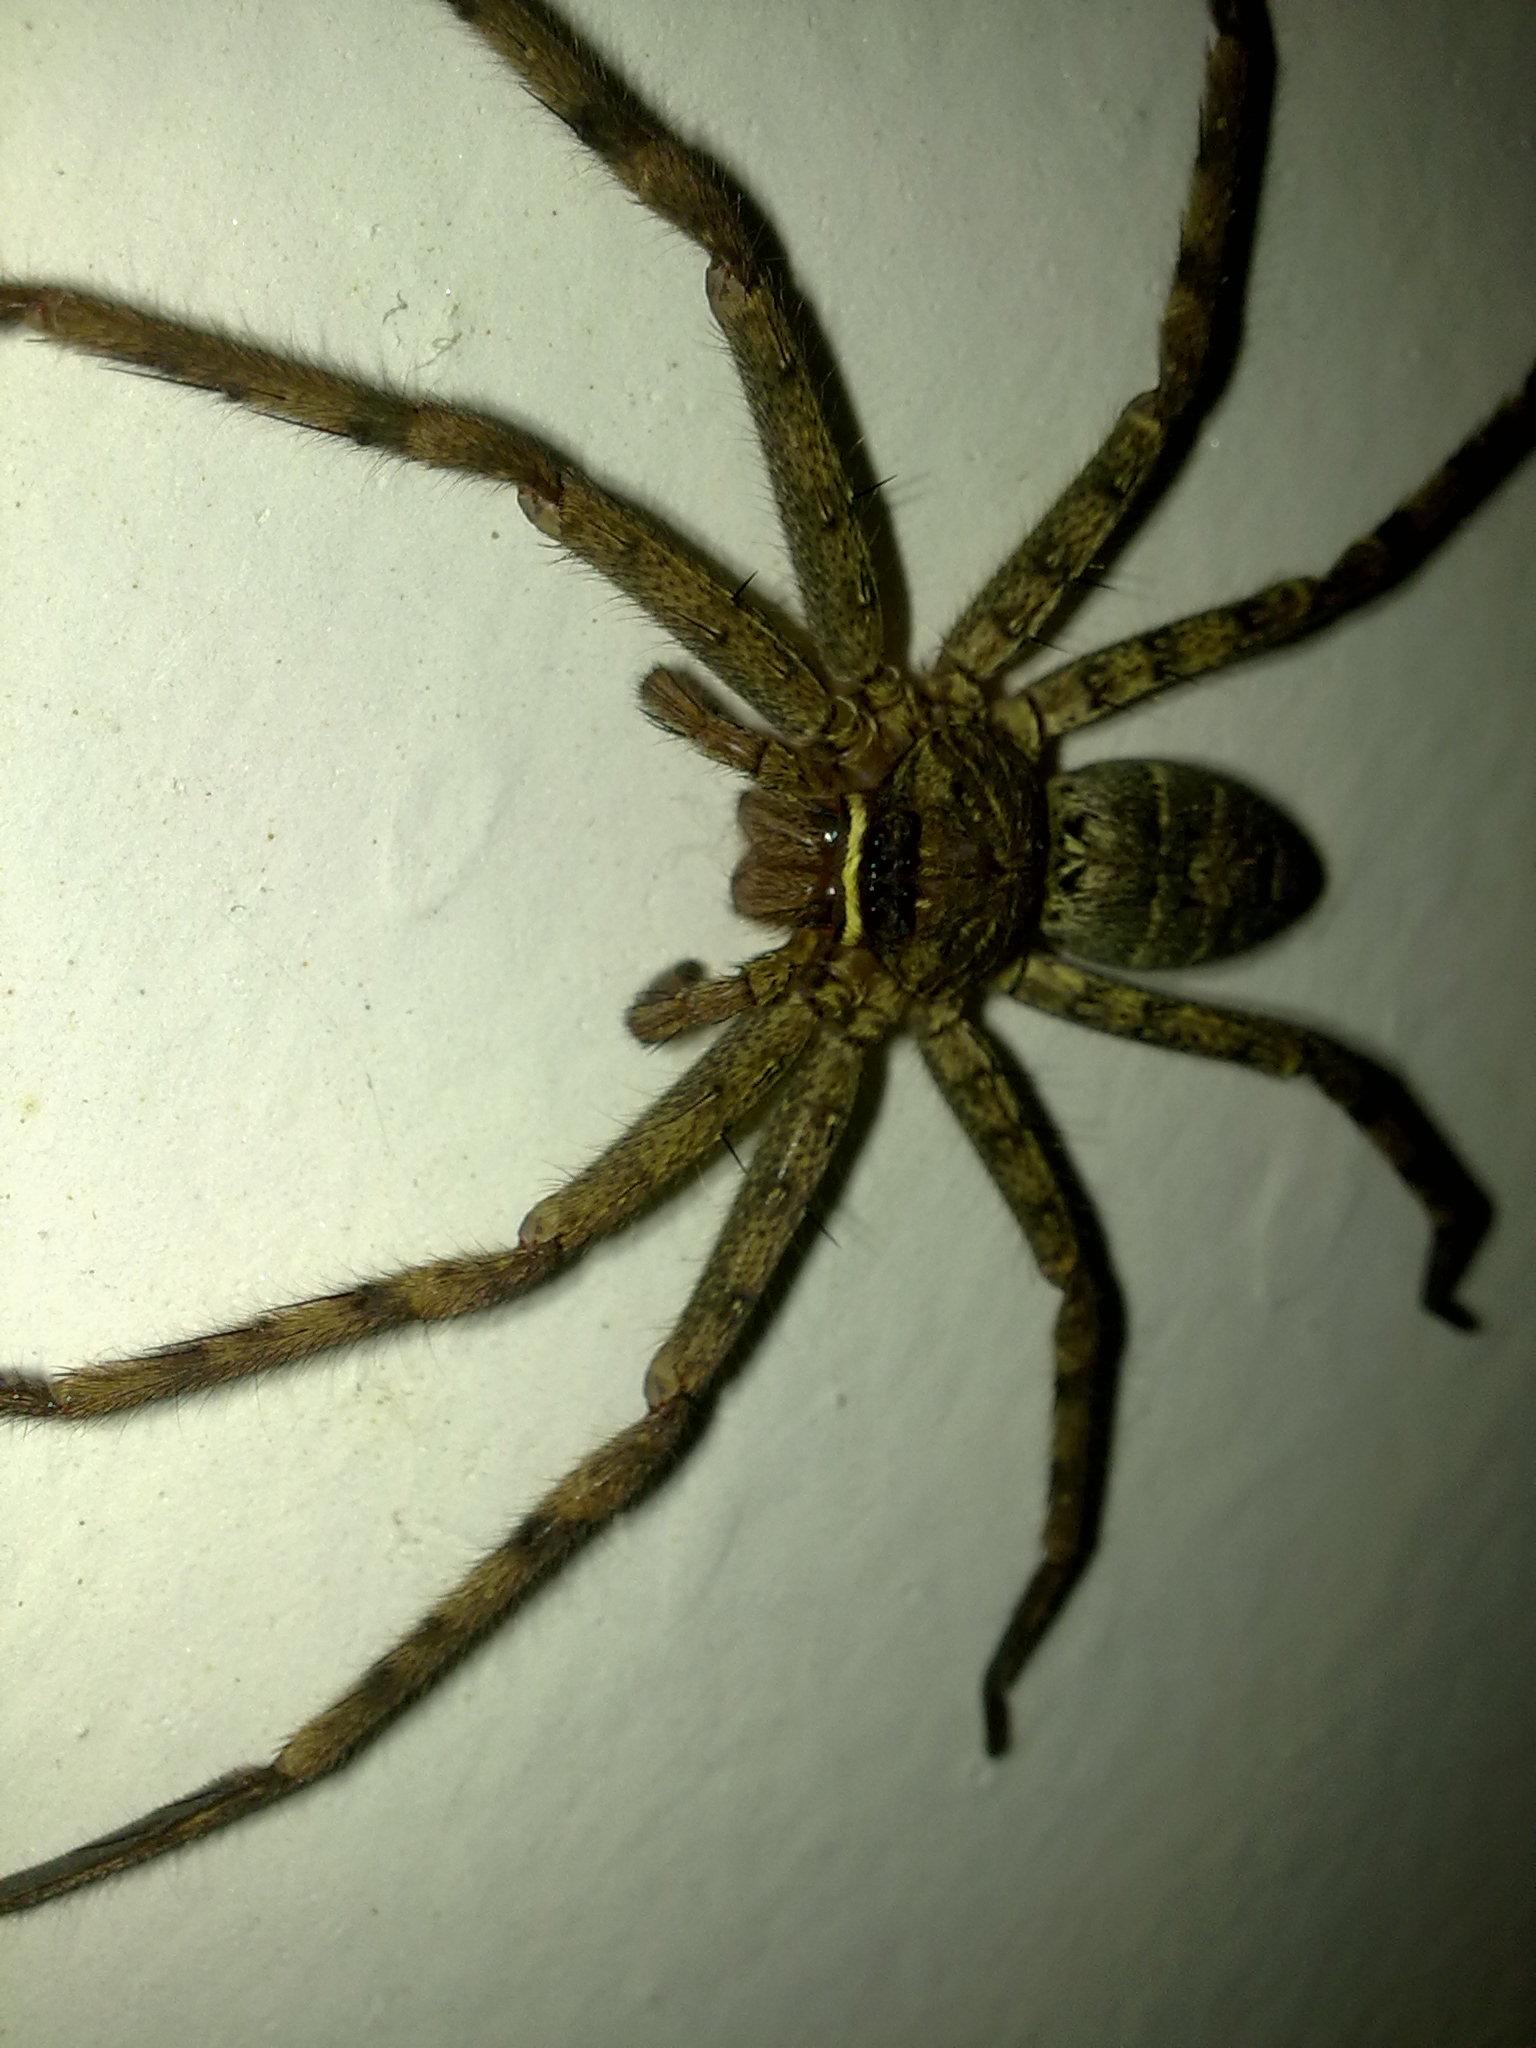 在车库里发现了一只大蜘蛛,有人知道是什么嘛 ...